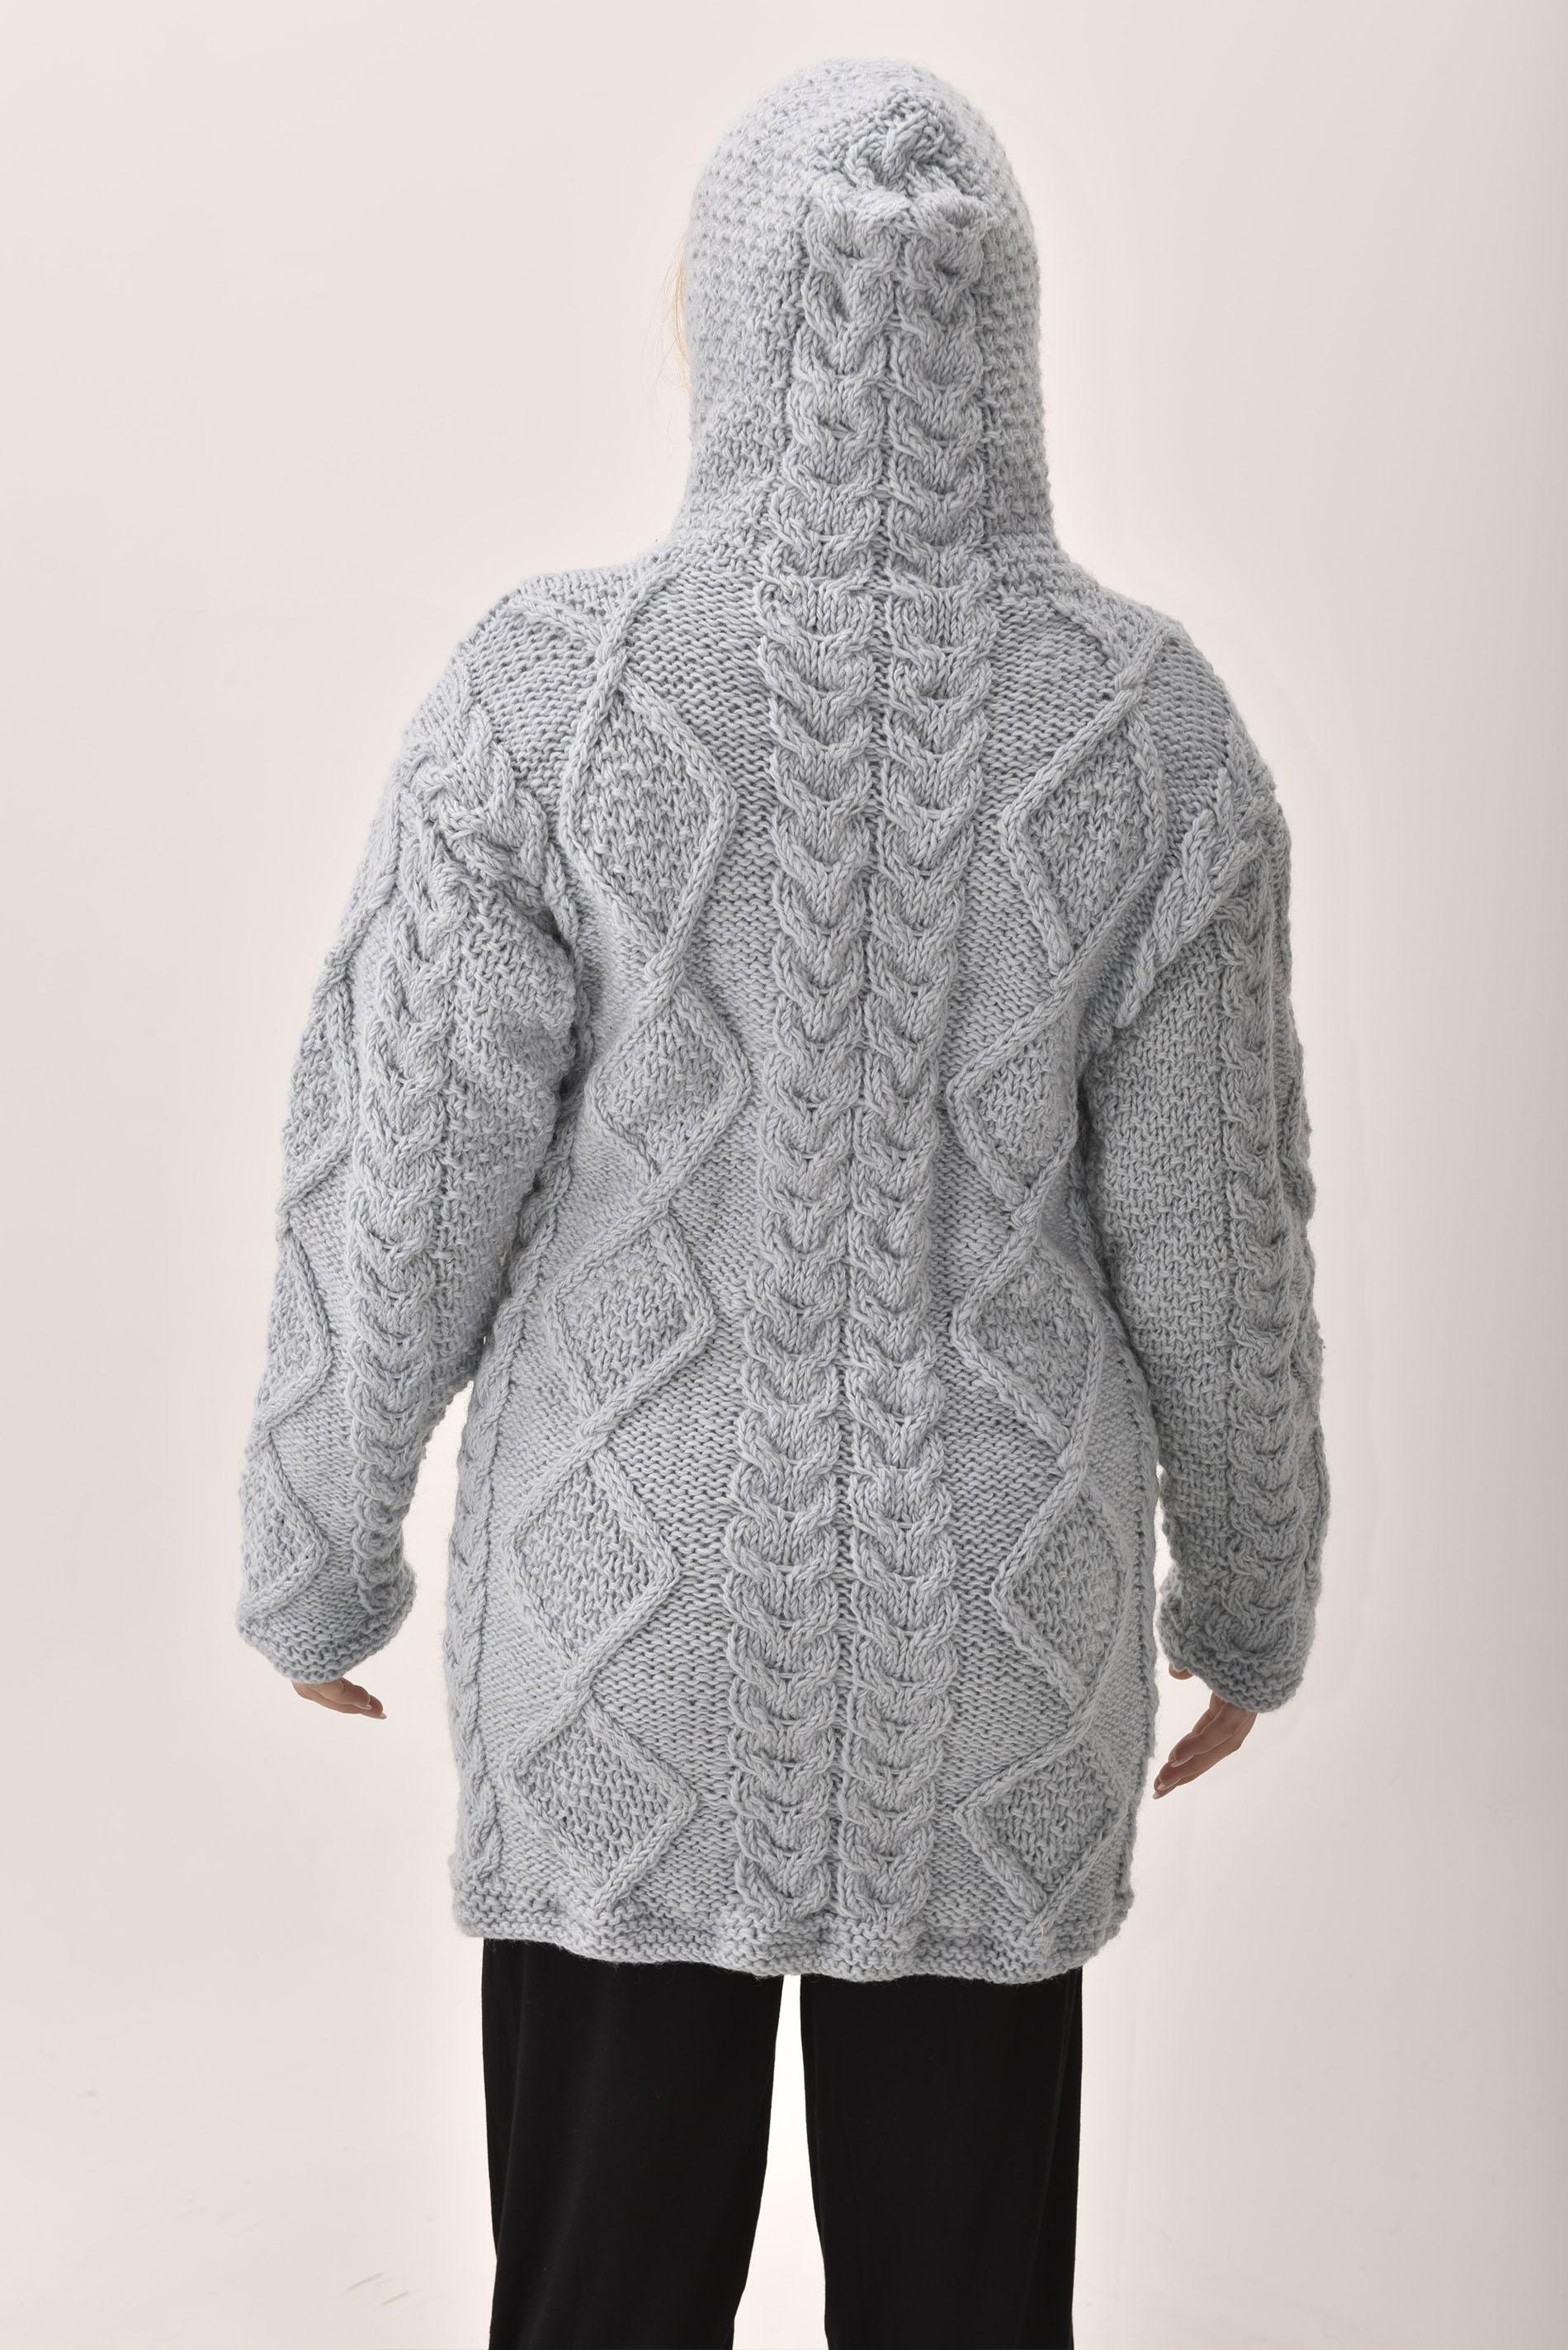 Himalayan Mountain Jacket Long Length Cable Knit, Blue